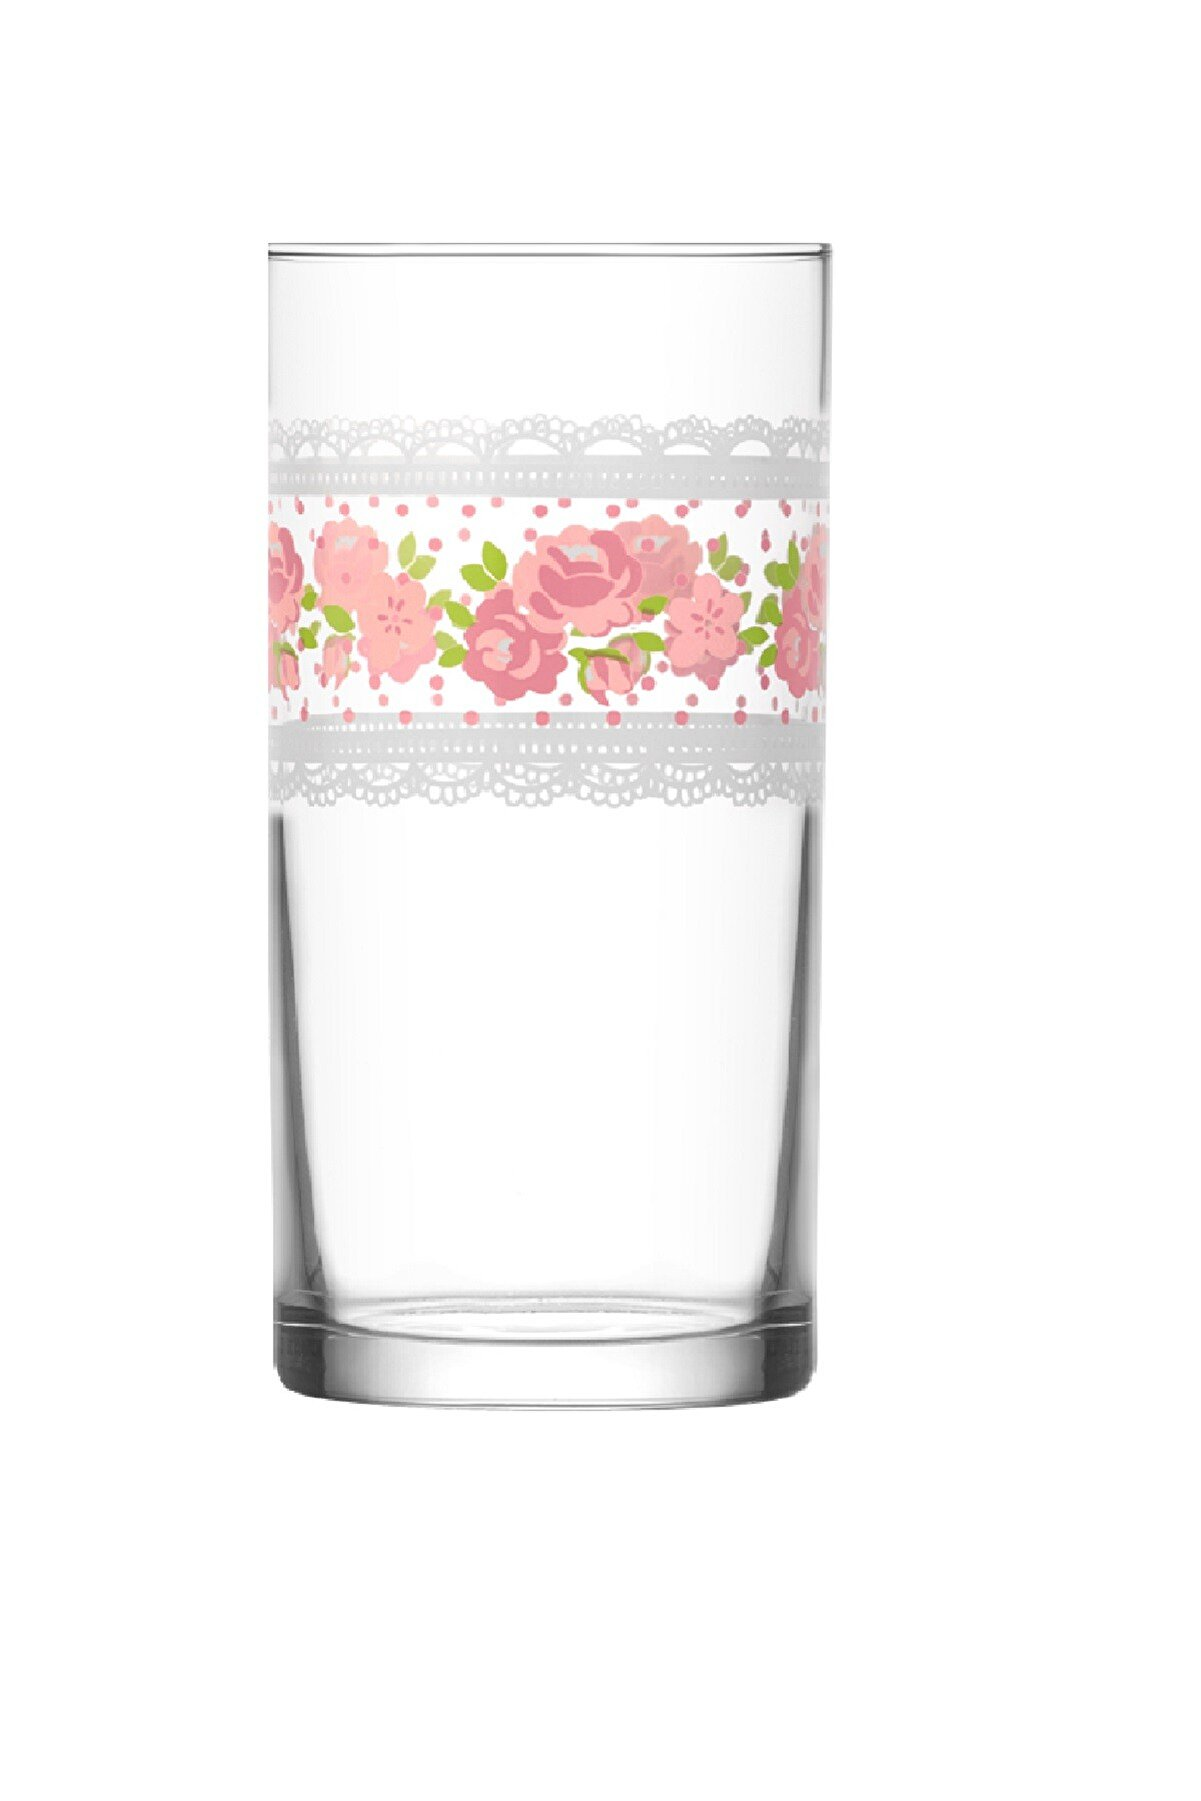 Lav Beyaz Dantel Çiçek Tek Parça Meşrubat Bardağı